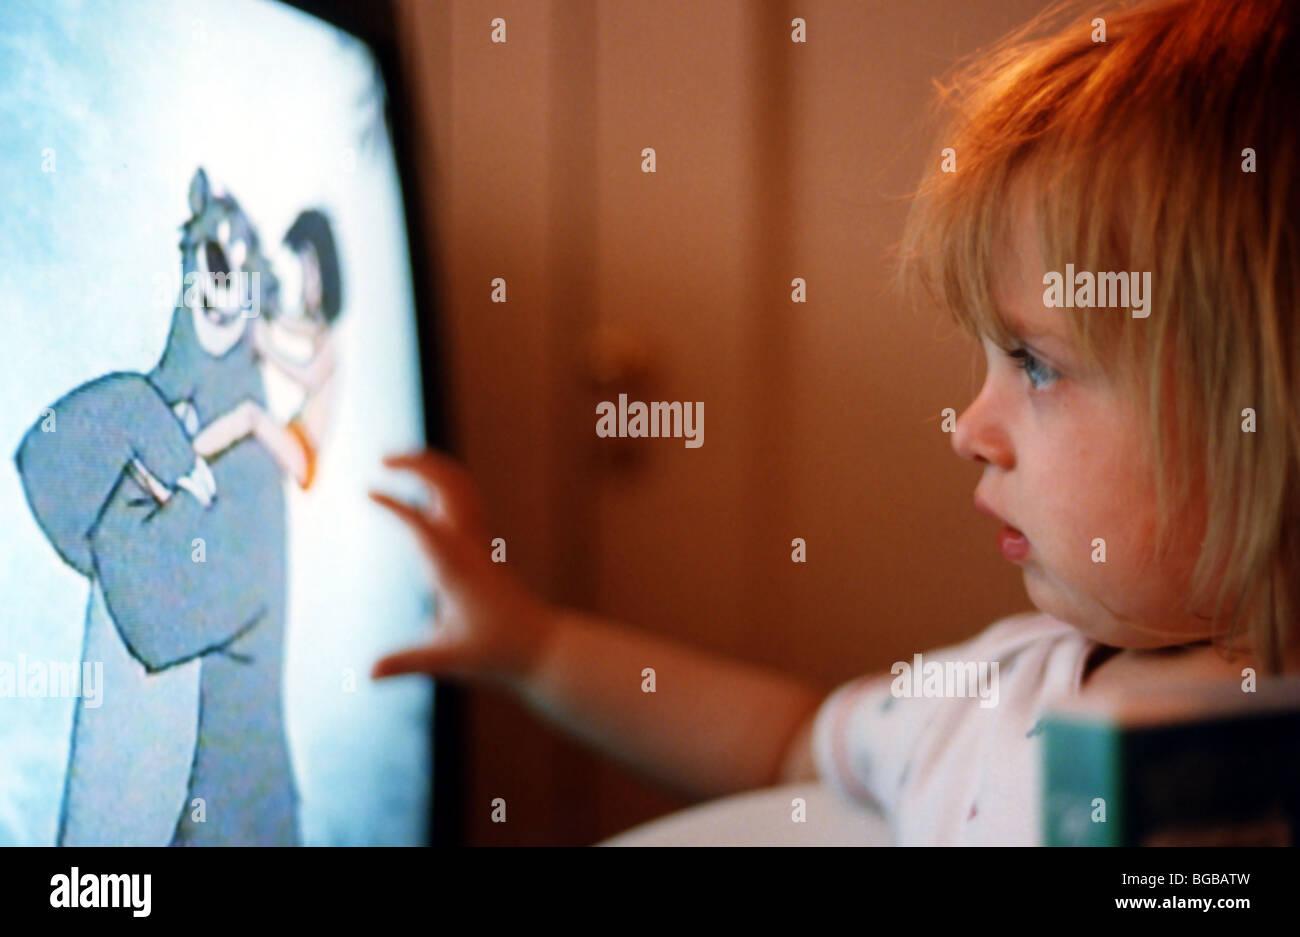 Photographie de l'enfant regardant la télévision télévision dessins animés pour les enfants à Banque D'Images